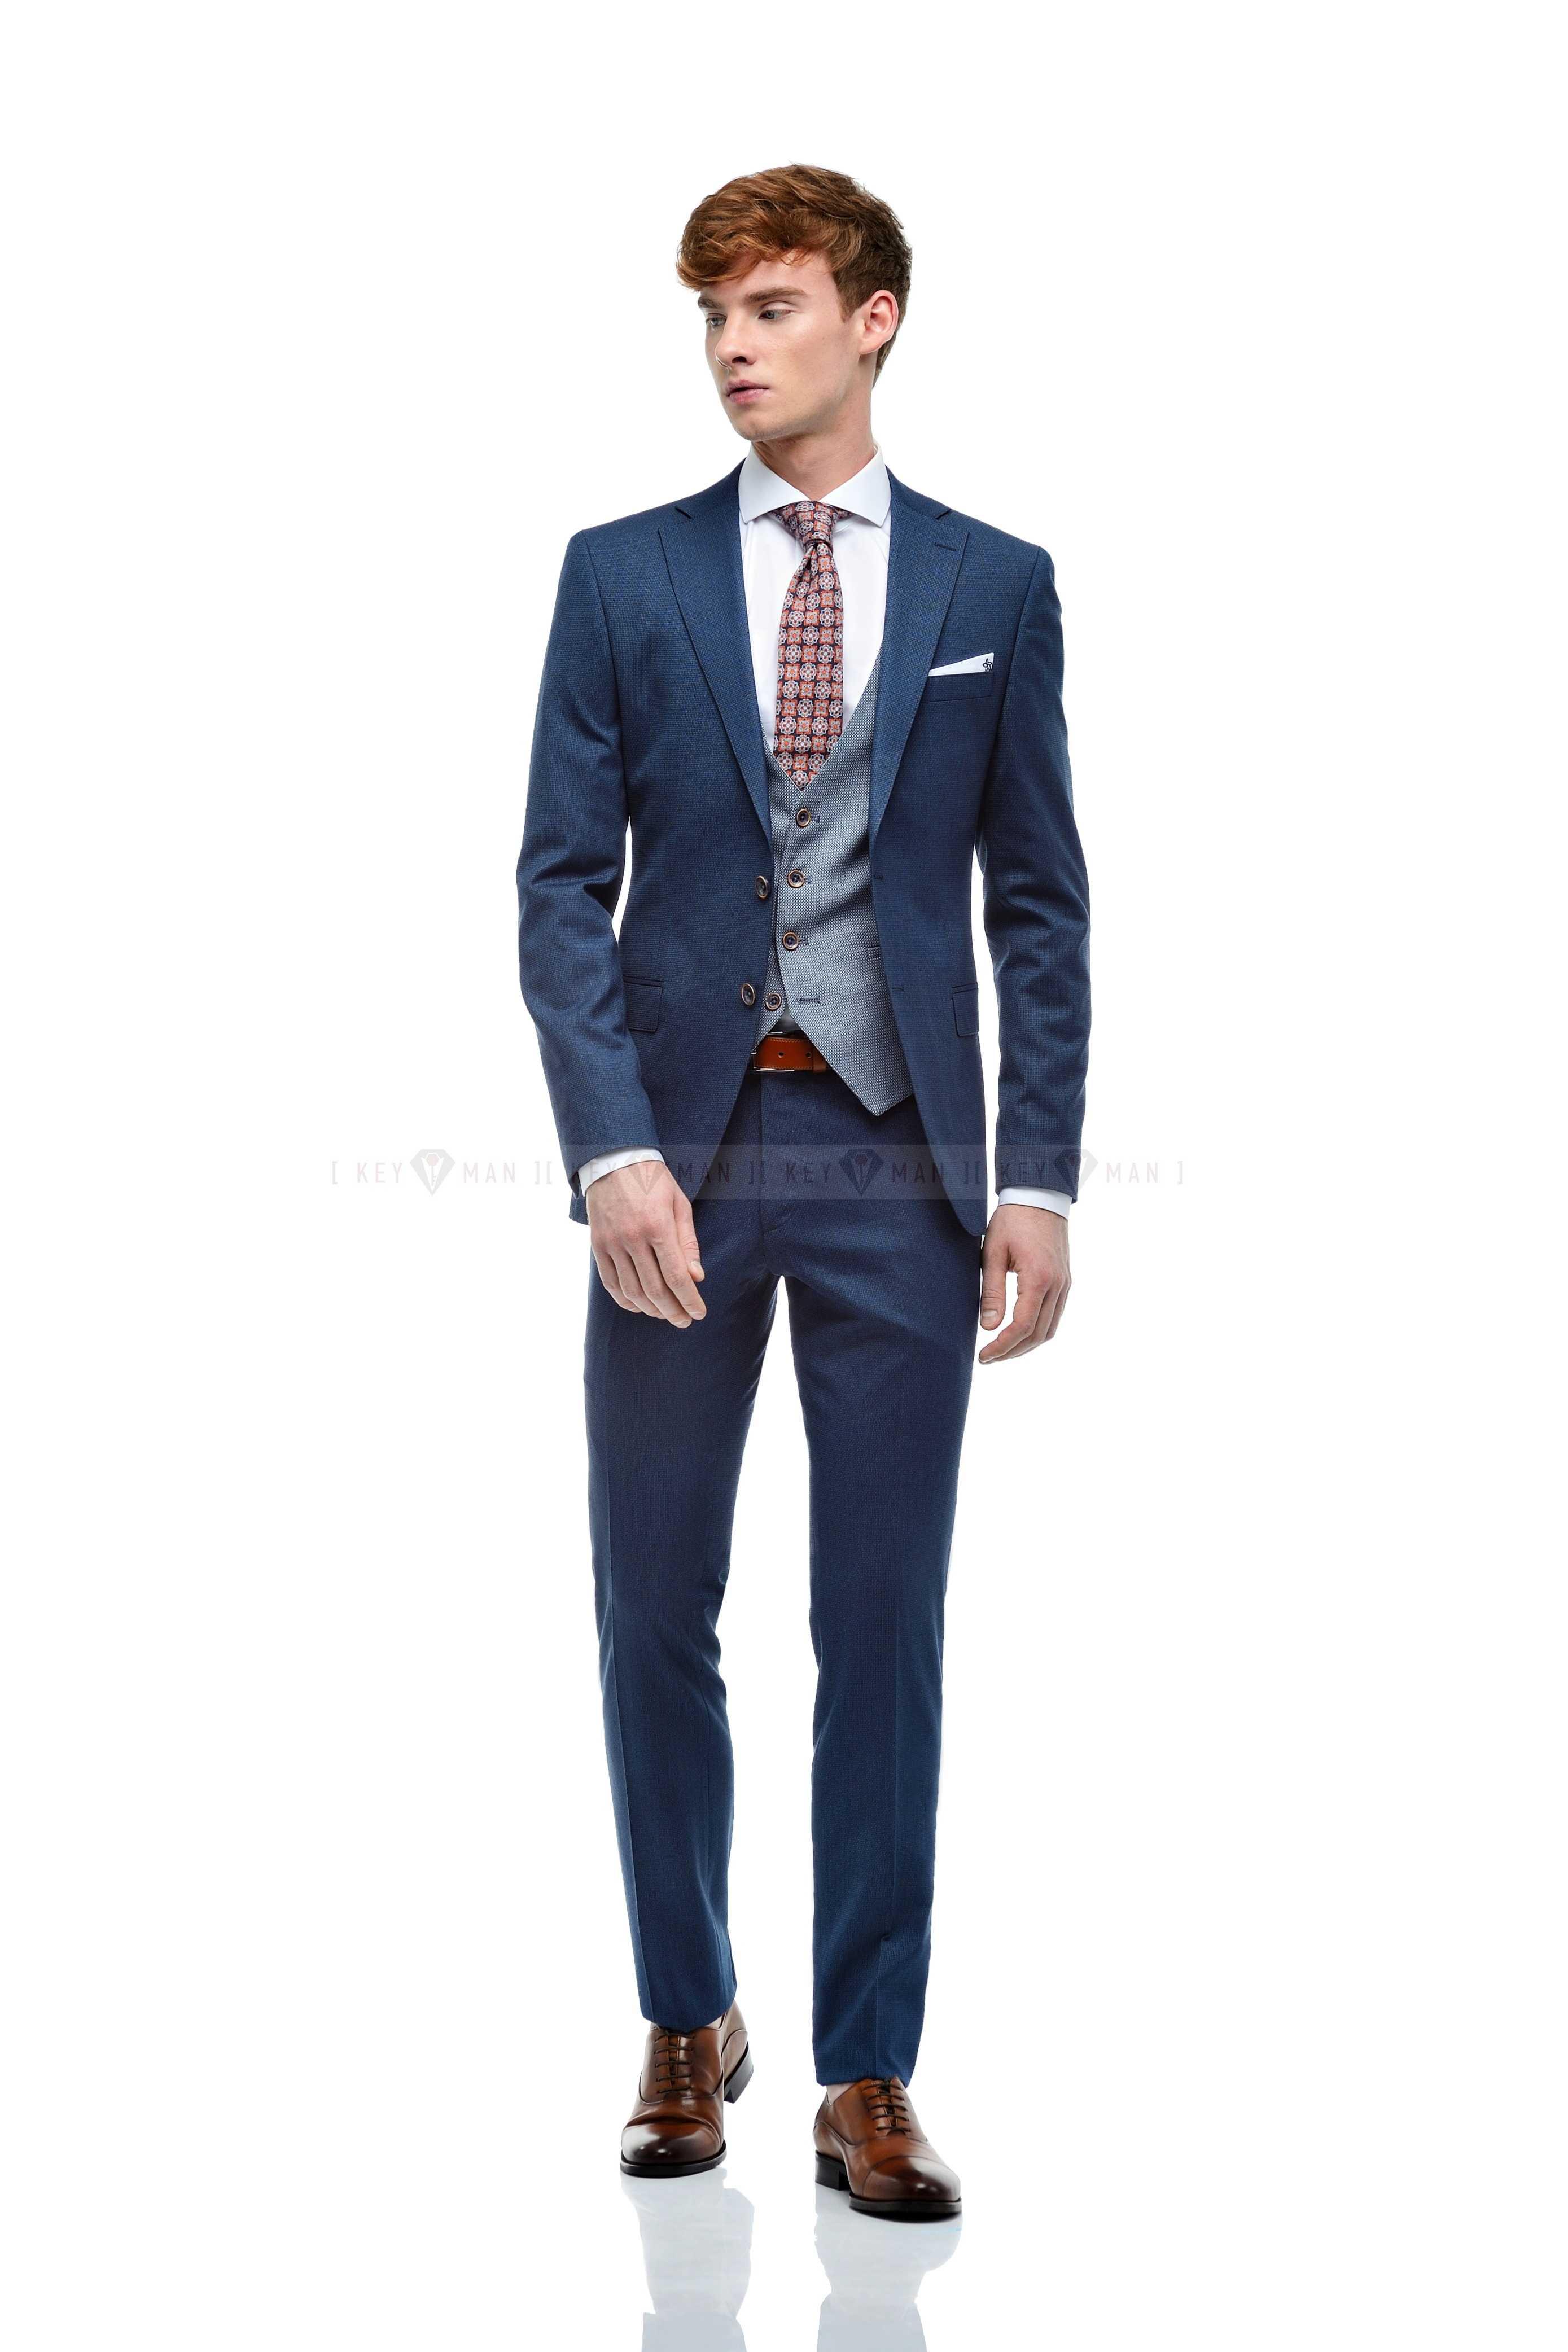 Костюм мужской светло-синий фактурный, с контрастным жилетом